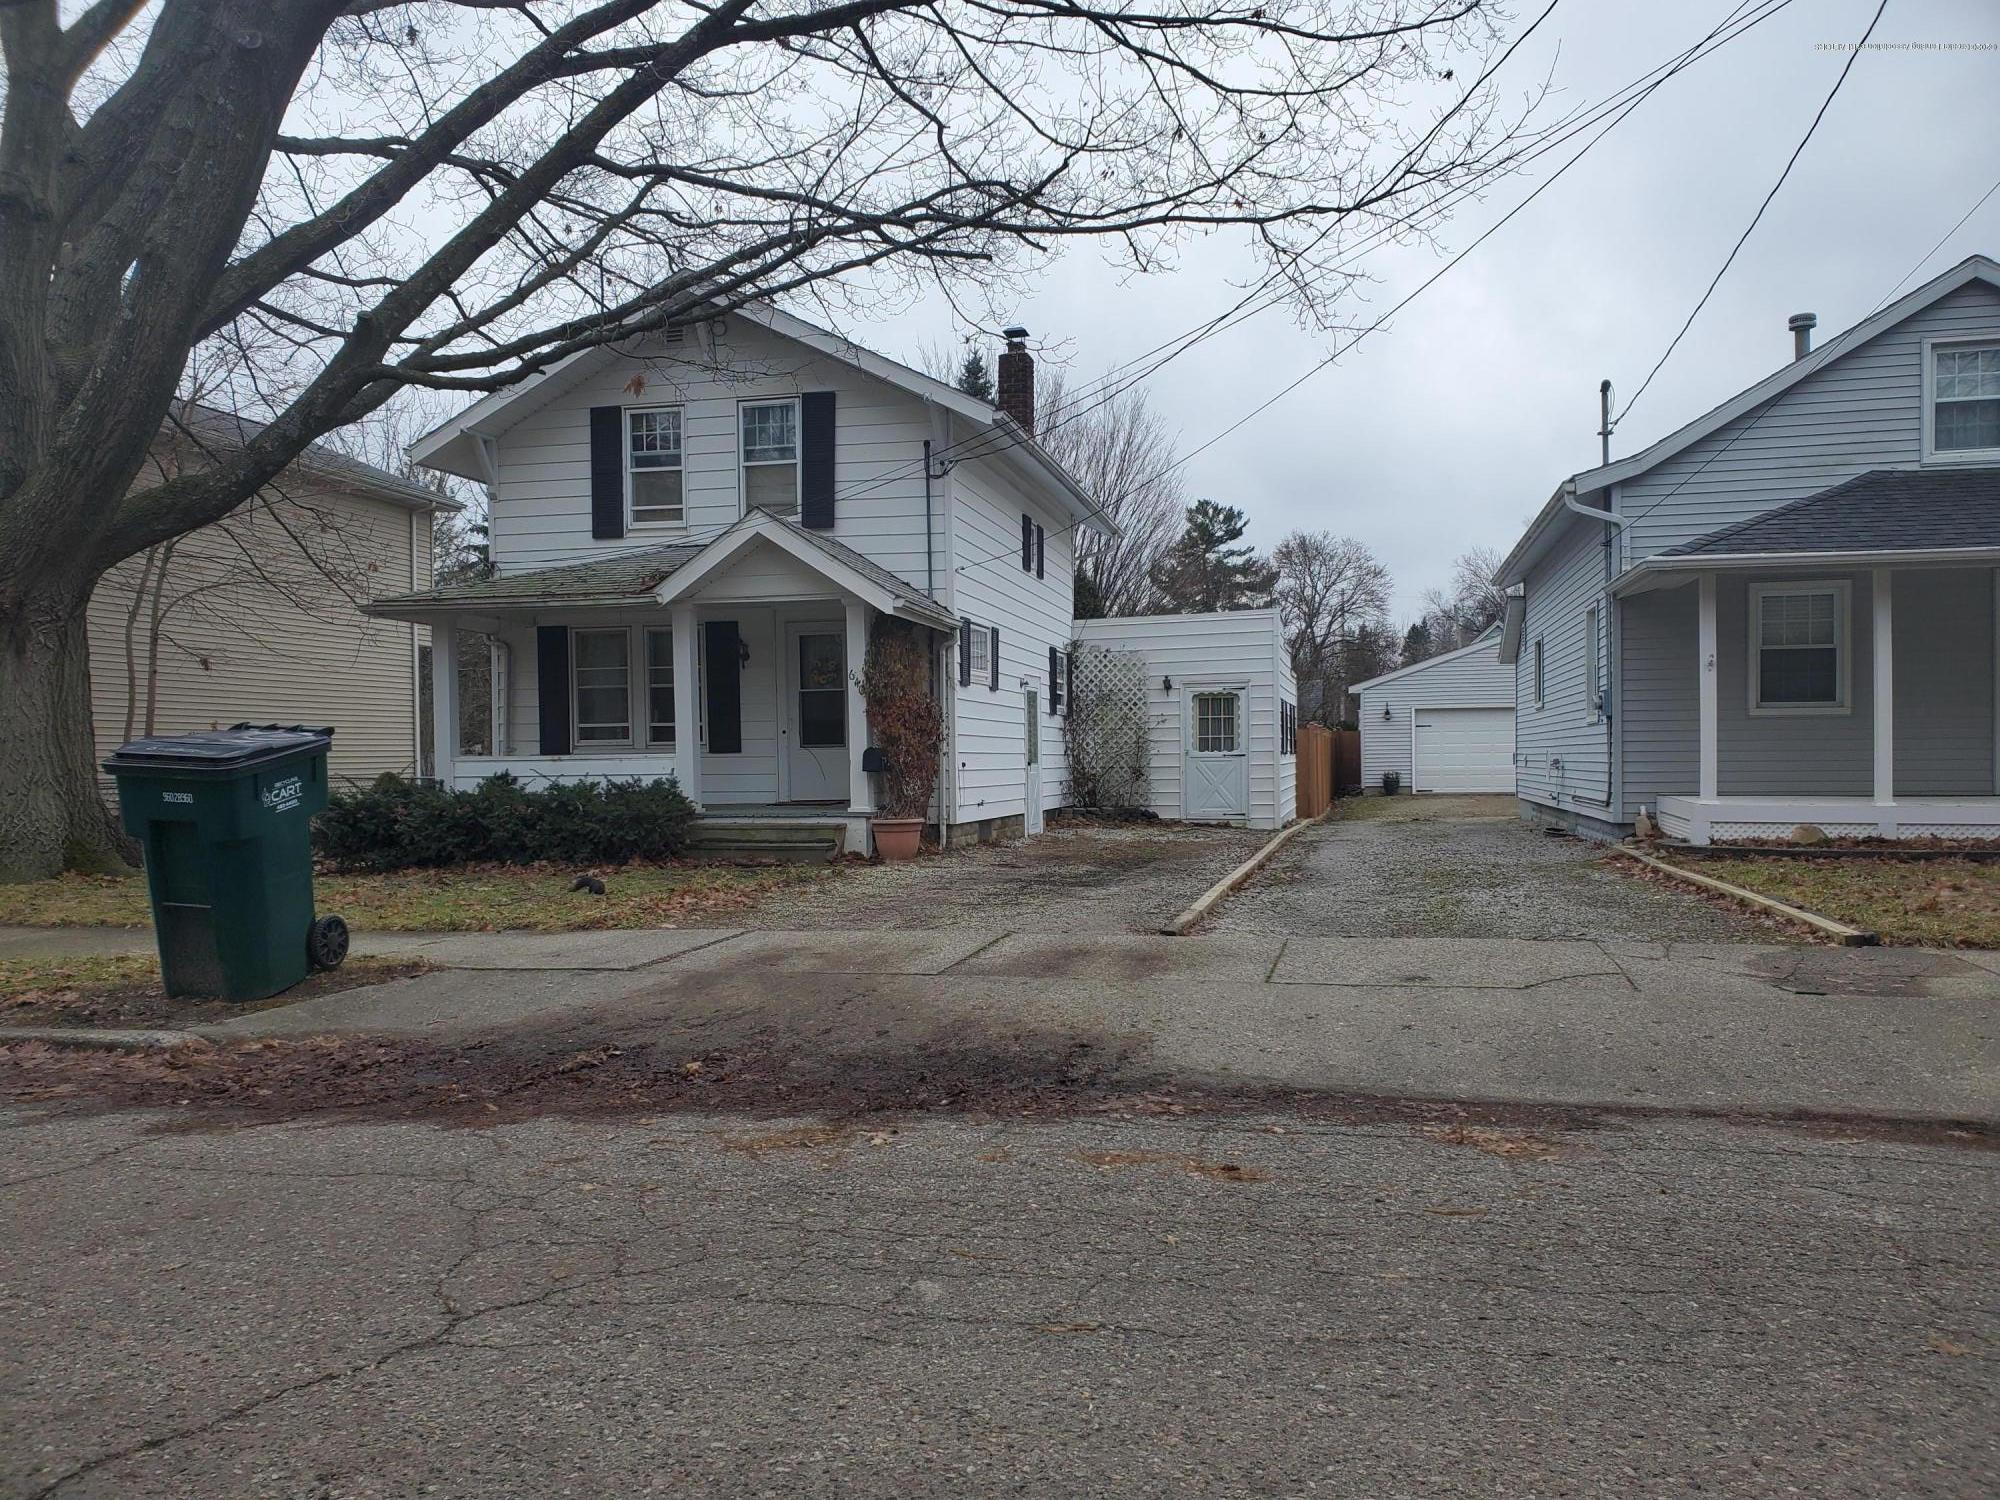 640 Emily Ave - 20200103_121450 - 1